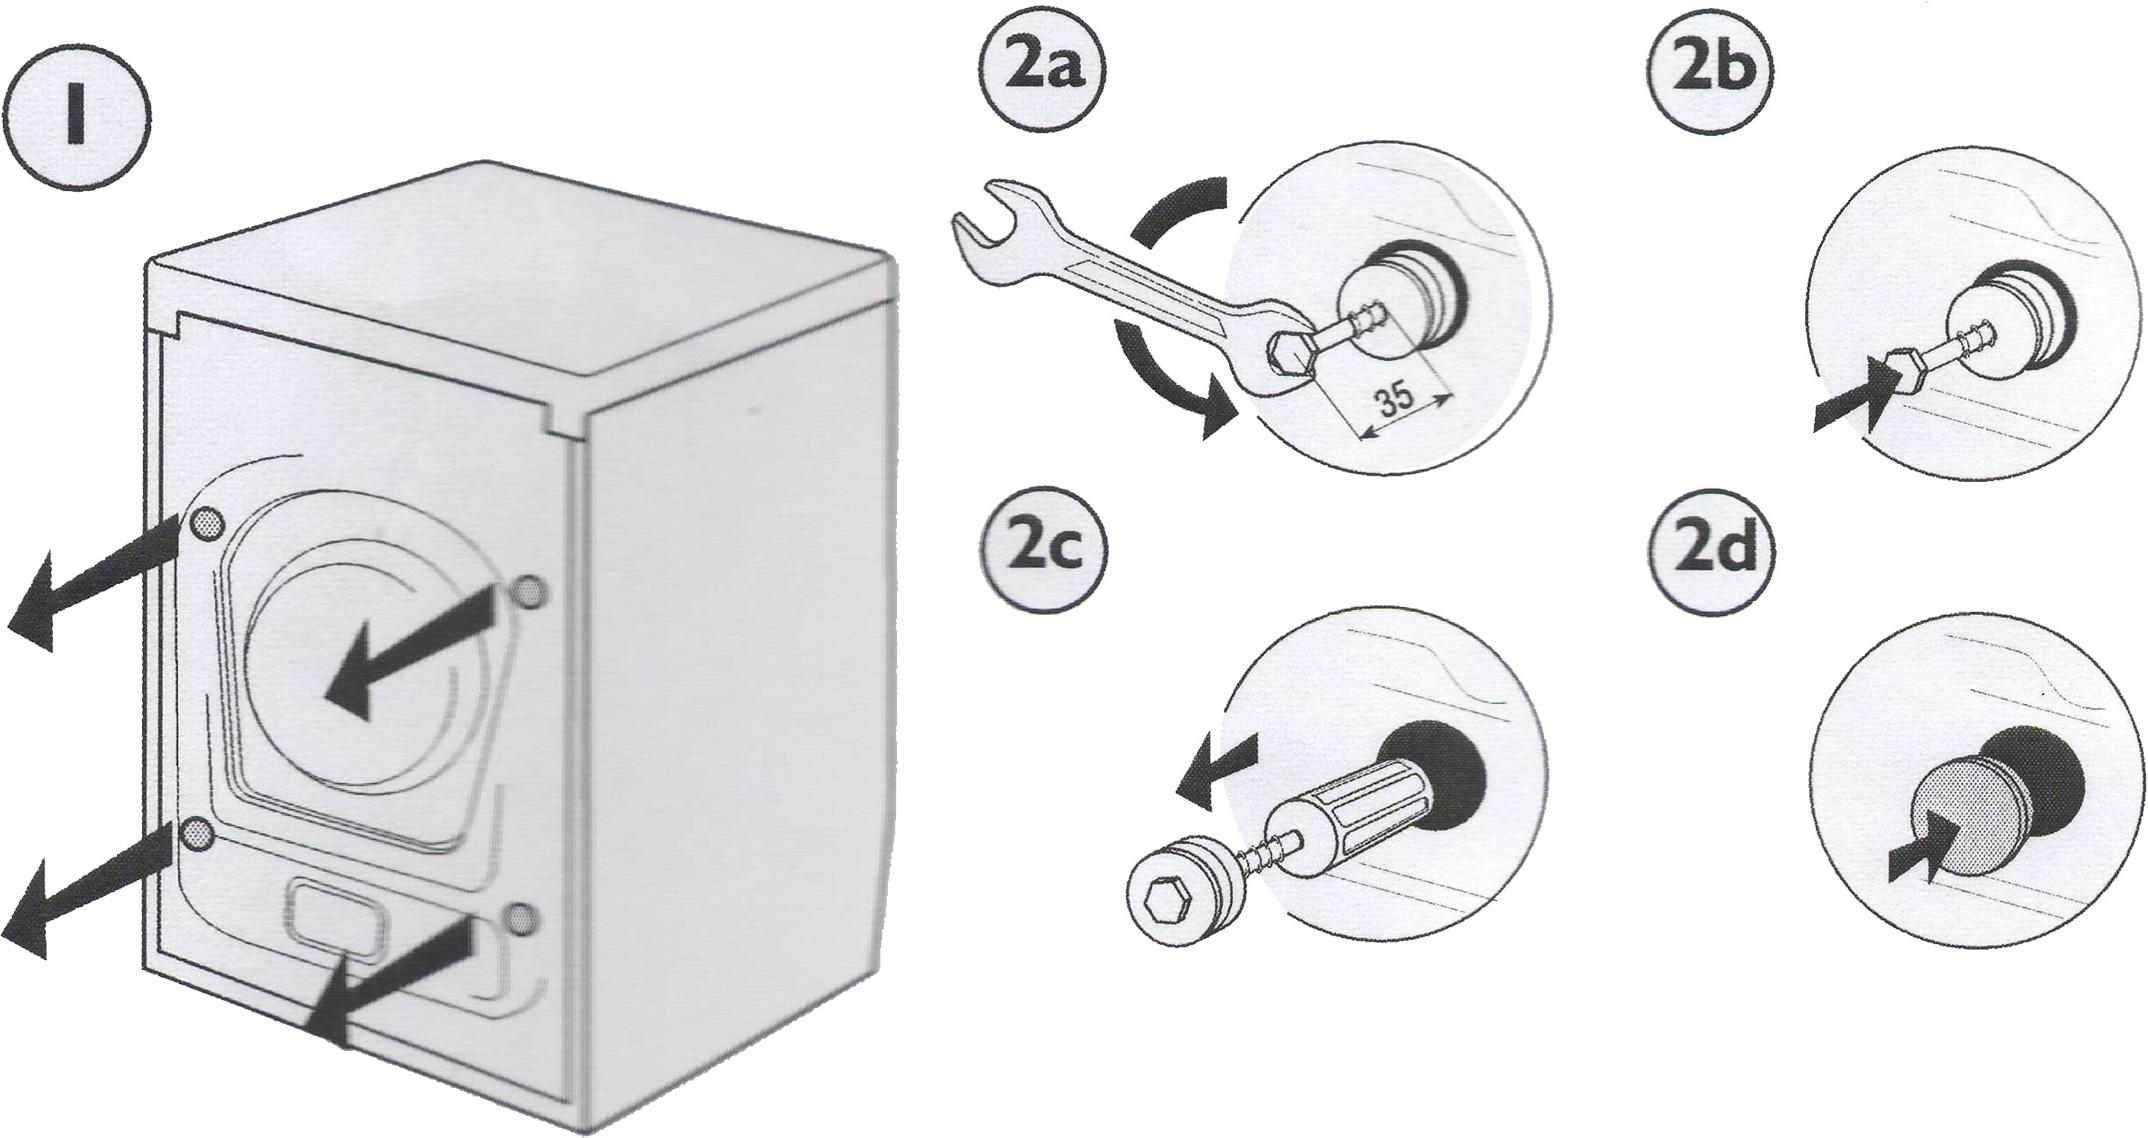 инструкция стиральной машины bosch wor 16154 oe